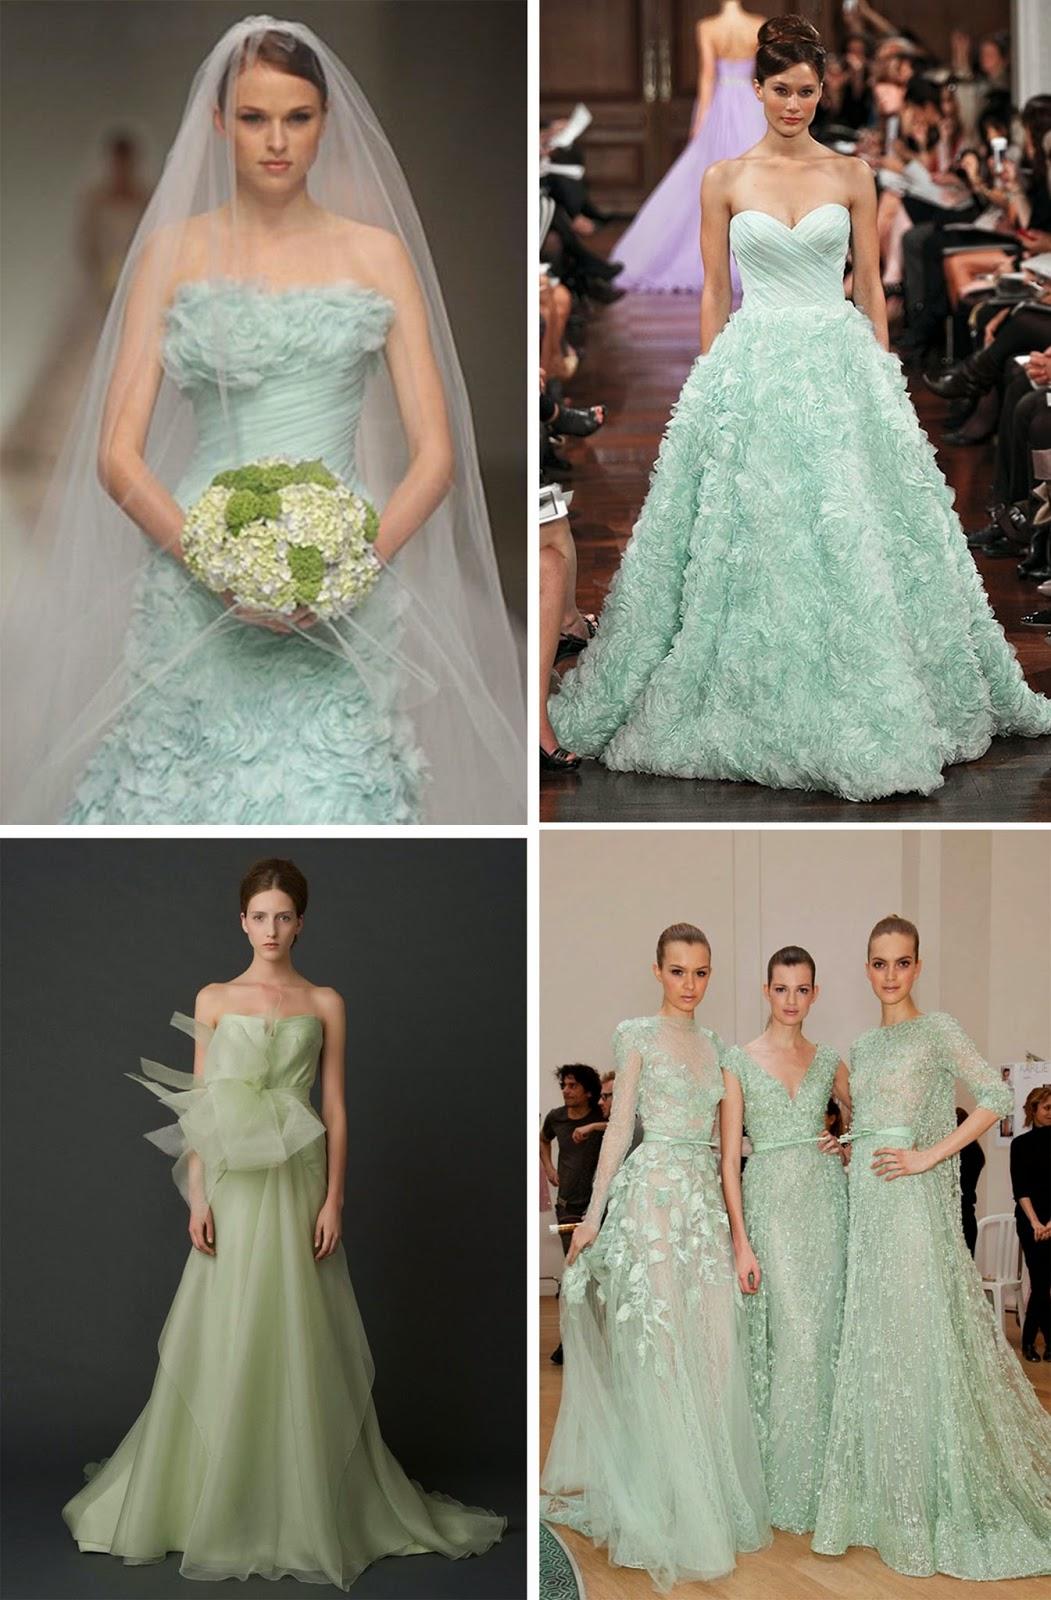 Mint Wedding Dresses 2014